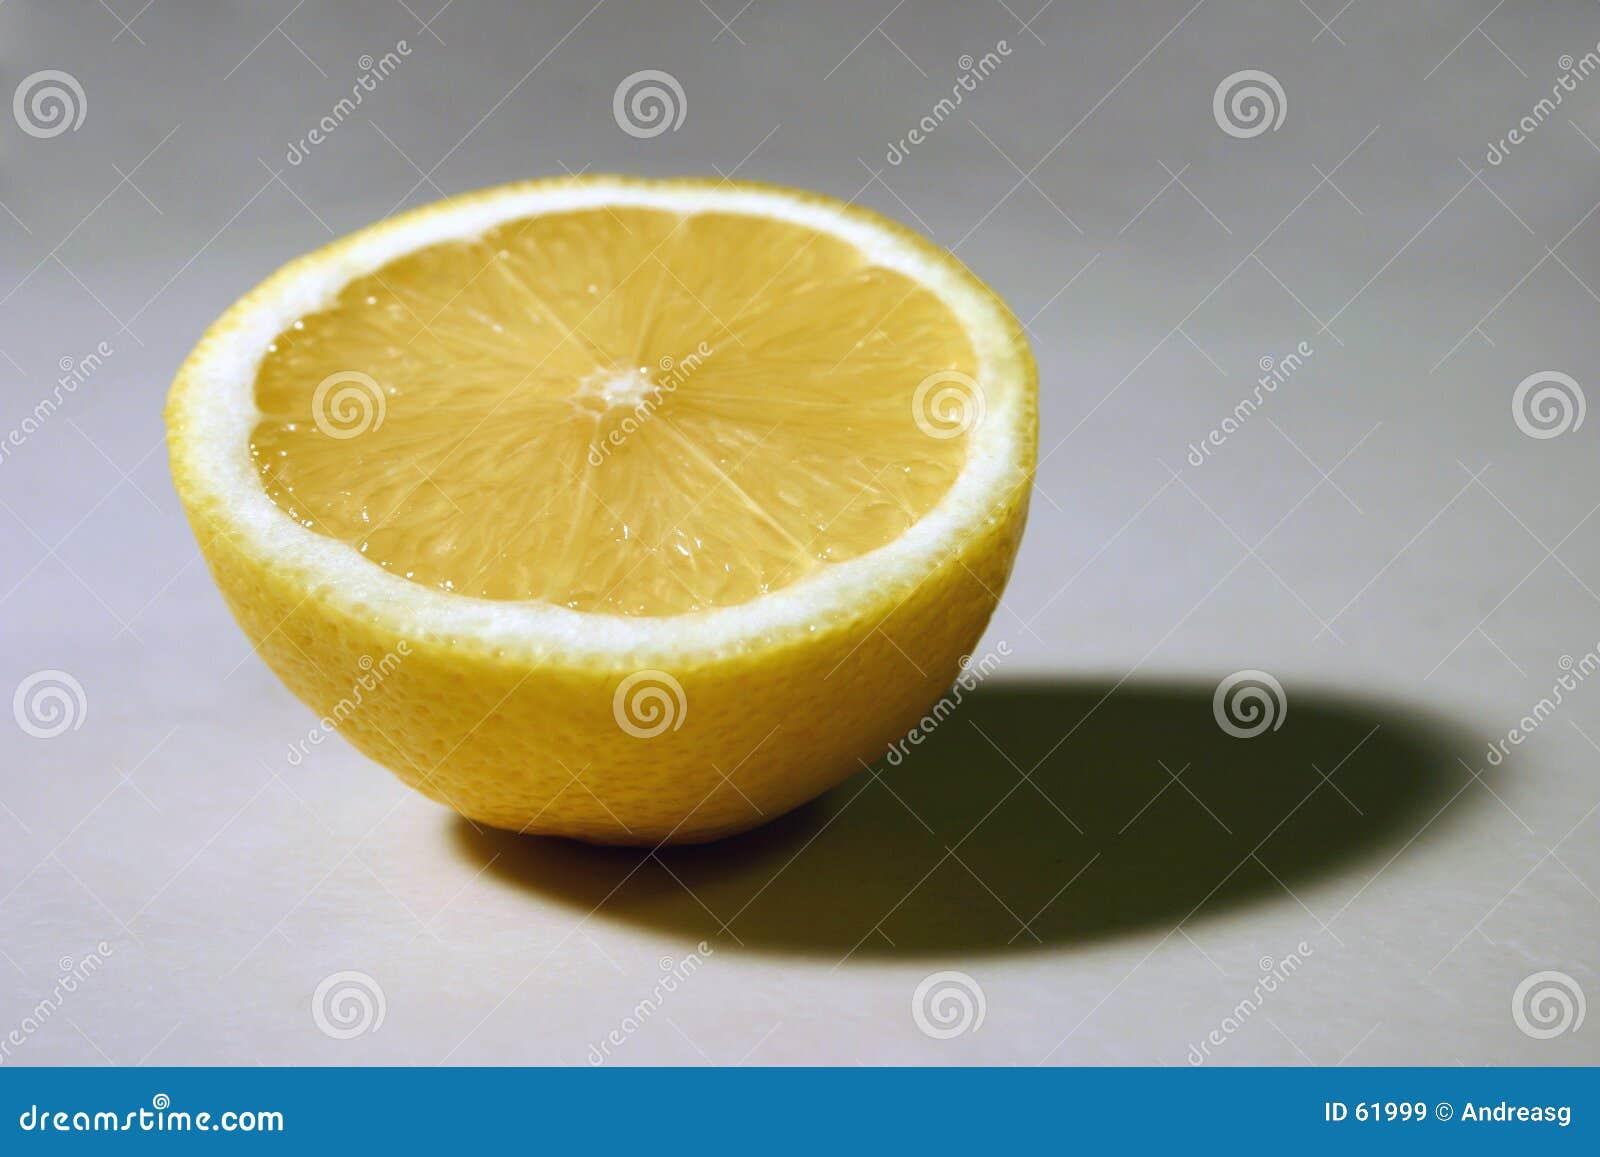 Meio limão